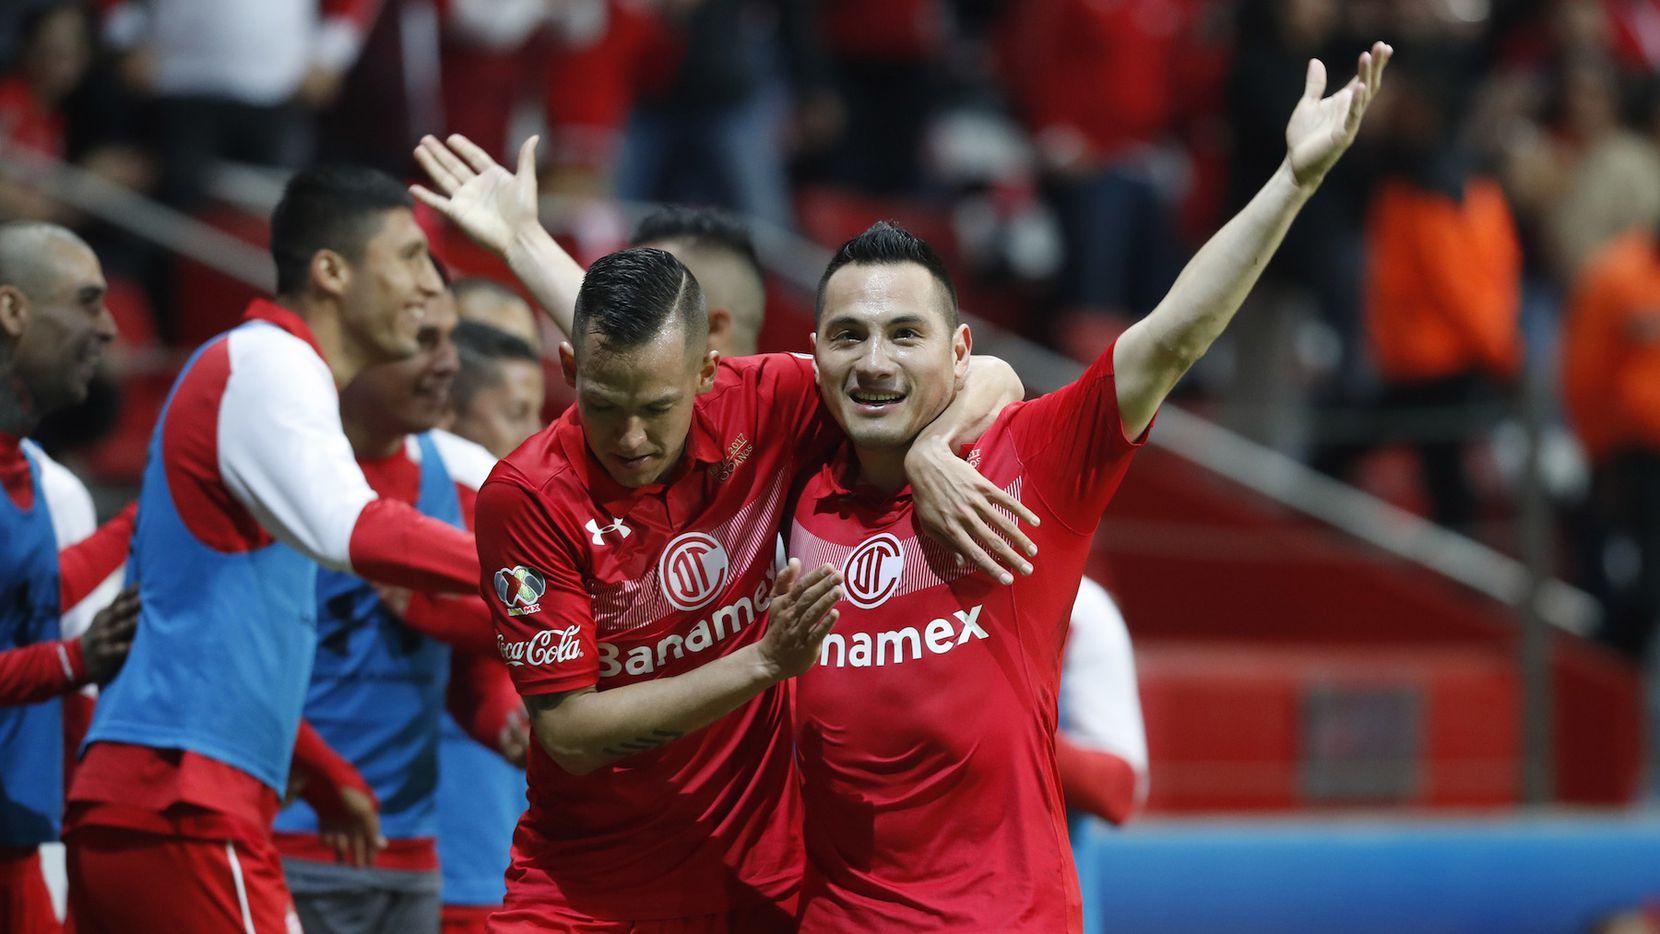 Antonio Ríos de Toluca celebra luego de anotar un gol ante Santos, en cuartos de final de la liguilla mexicana. AP